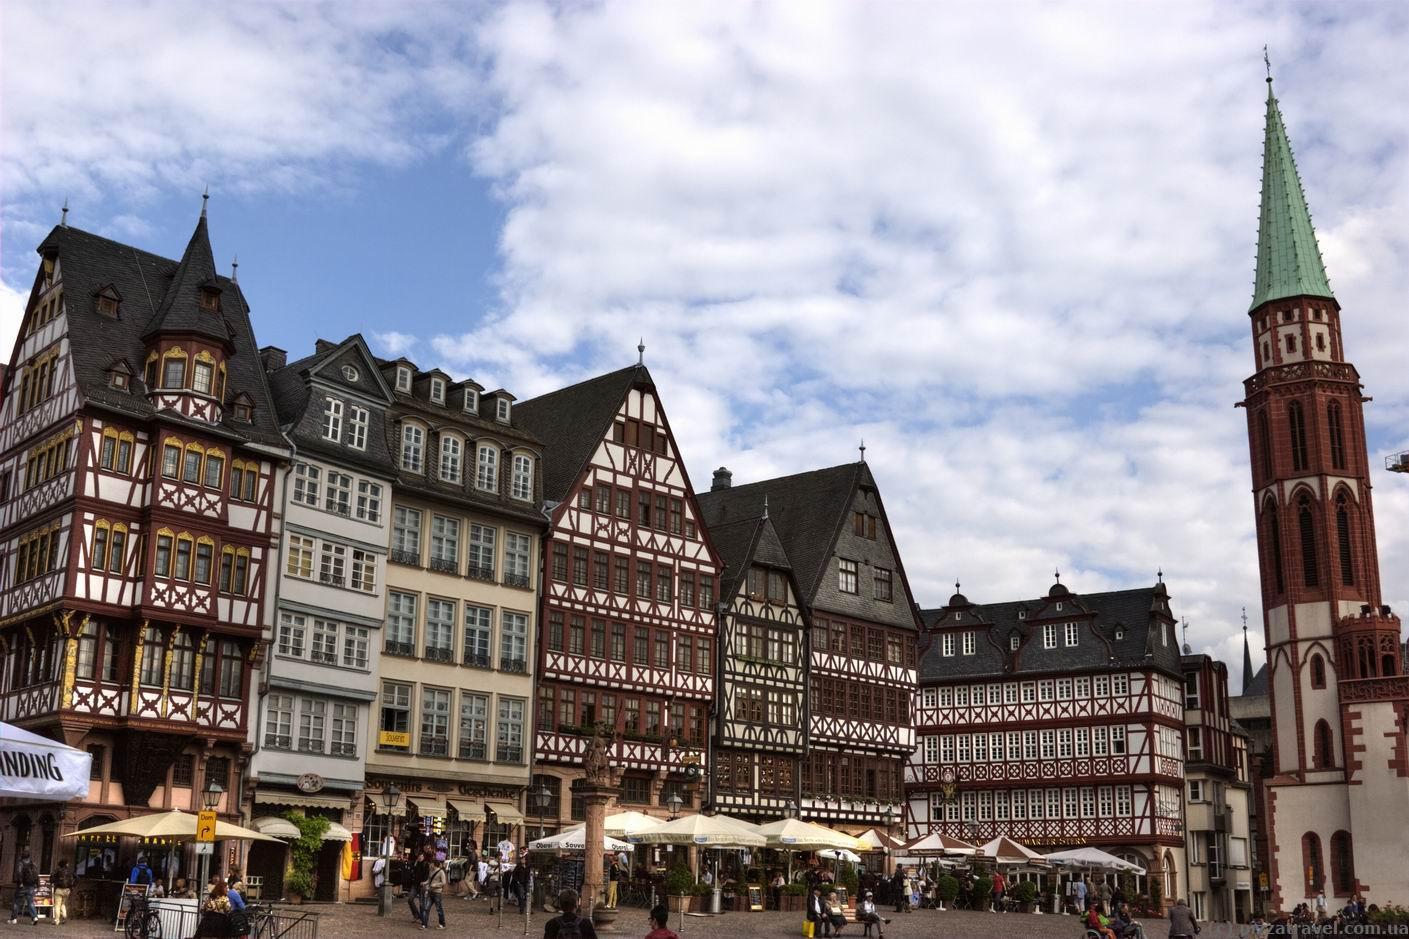 франкфурт-на-майне фото города